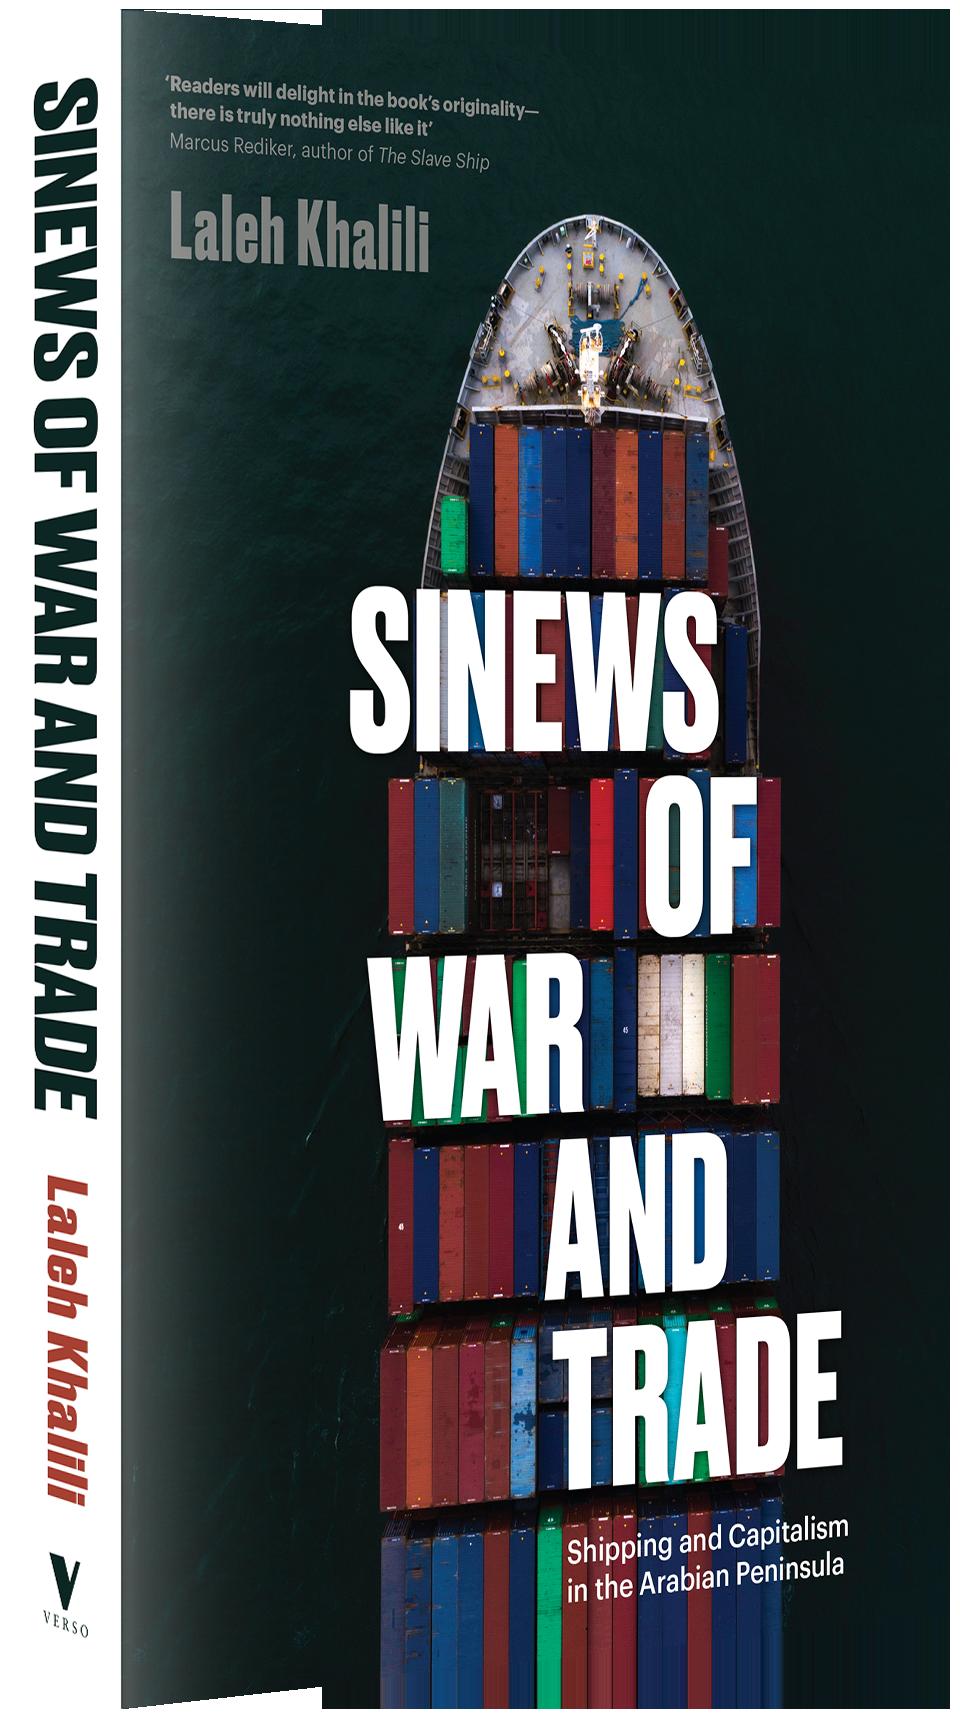 Sinews-of-war